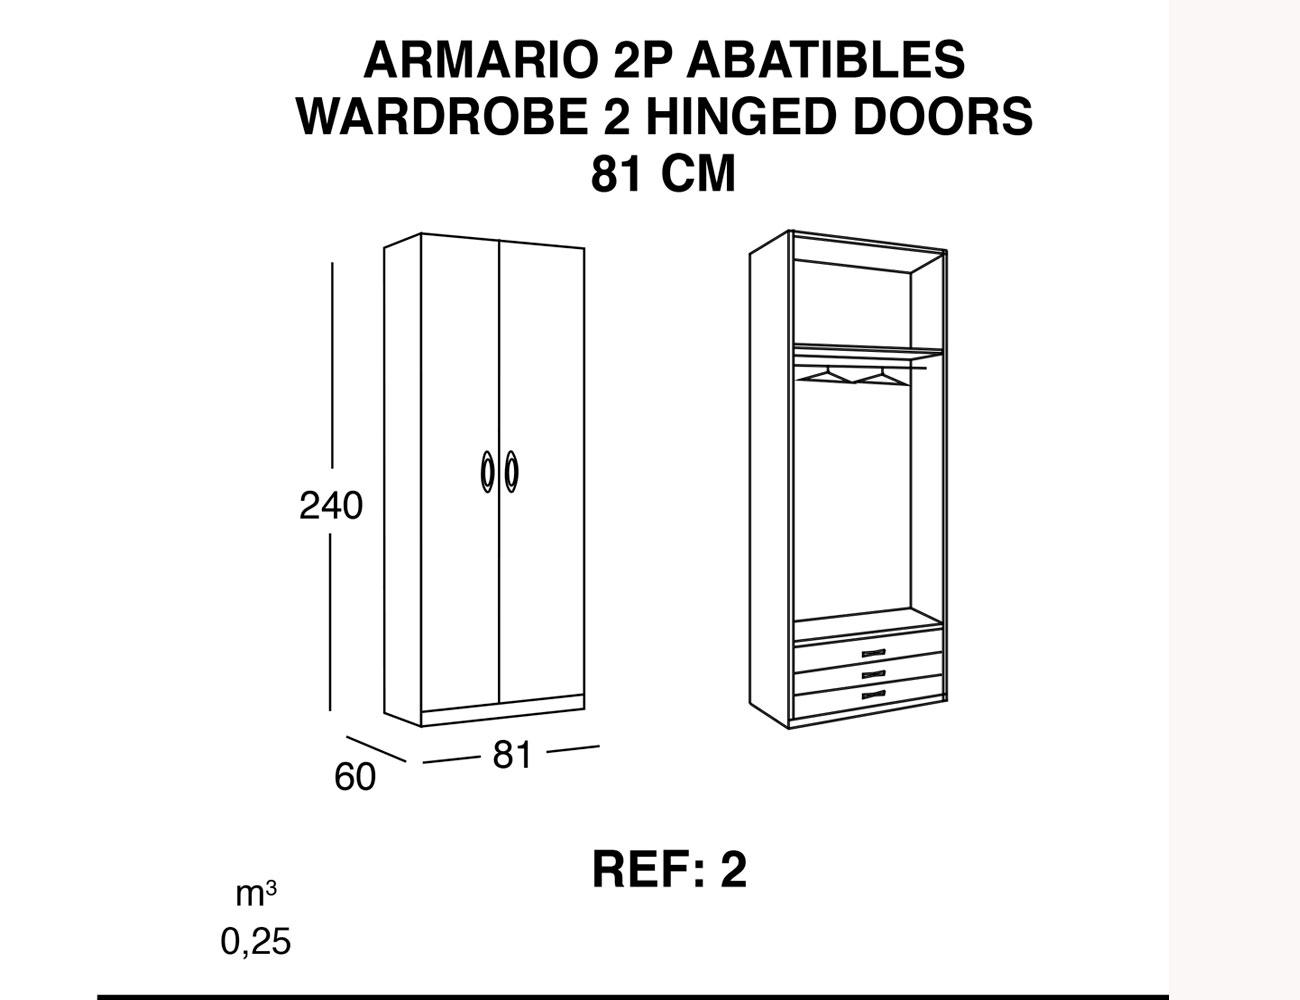 Armario 2p abatibles 81